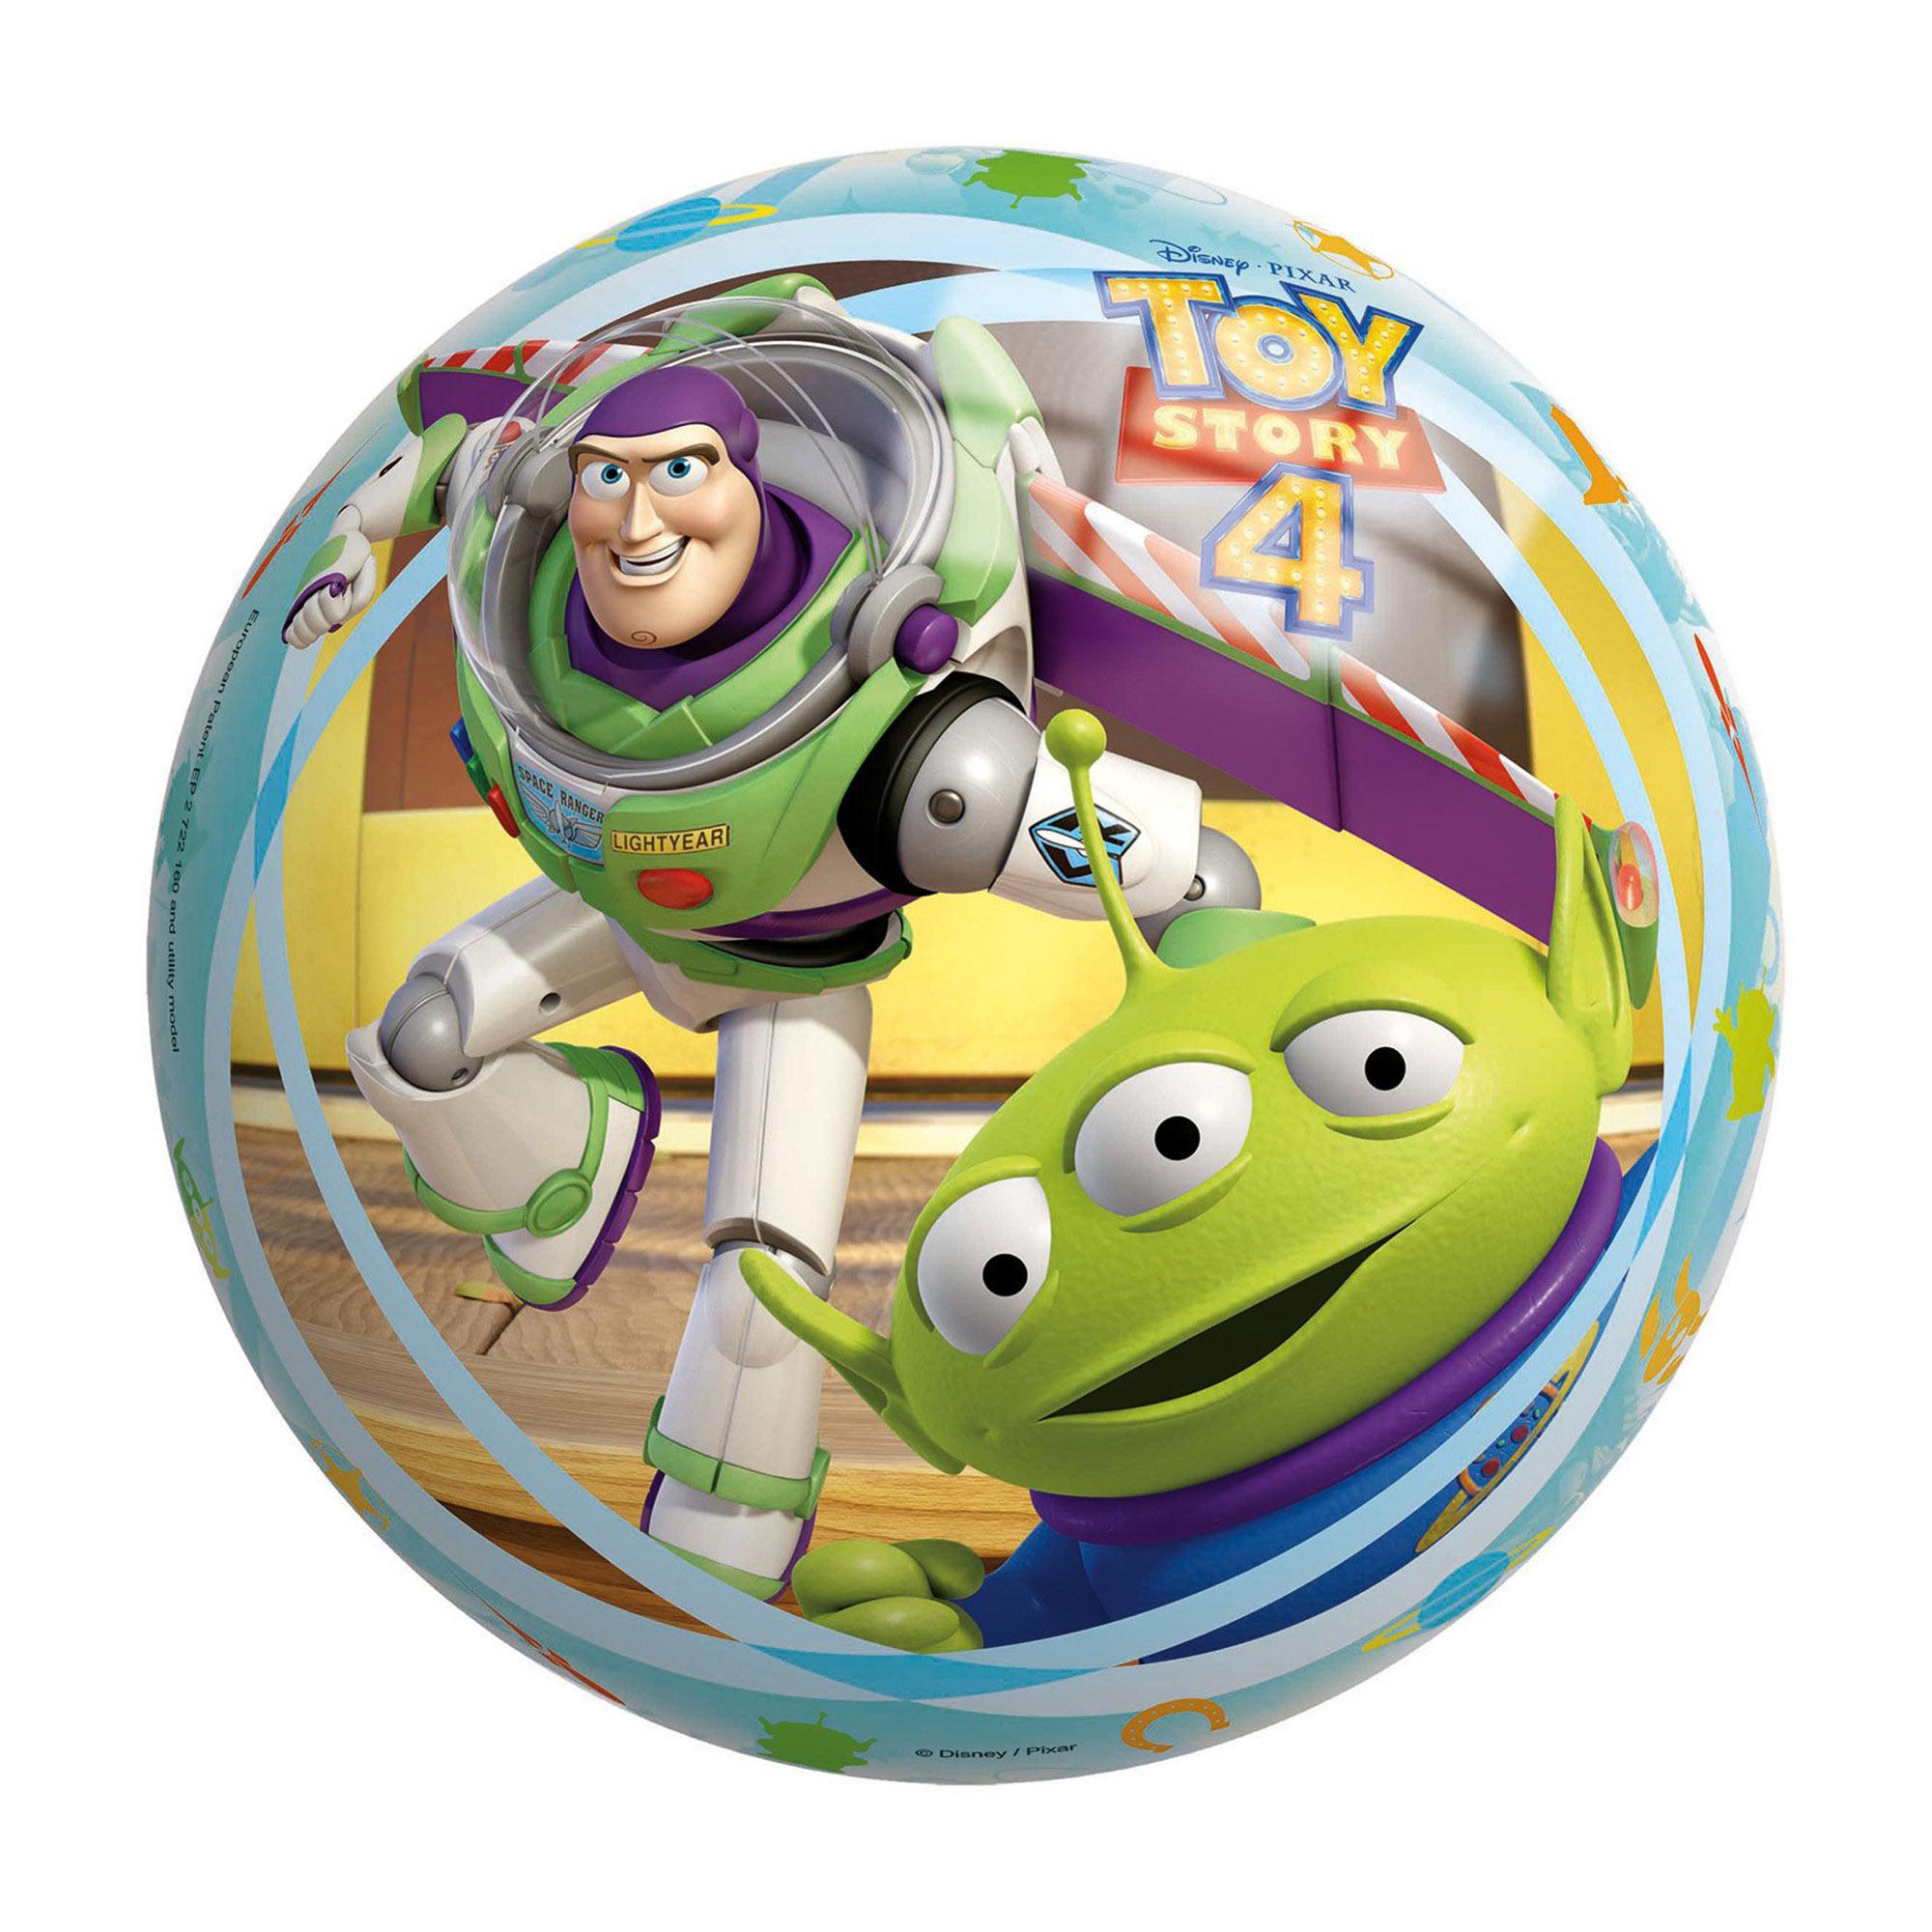 Мяч John История игрушек 4 23 см мяч john джамбо 38 см